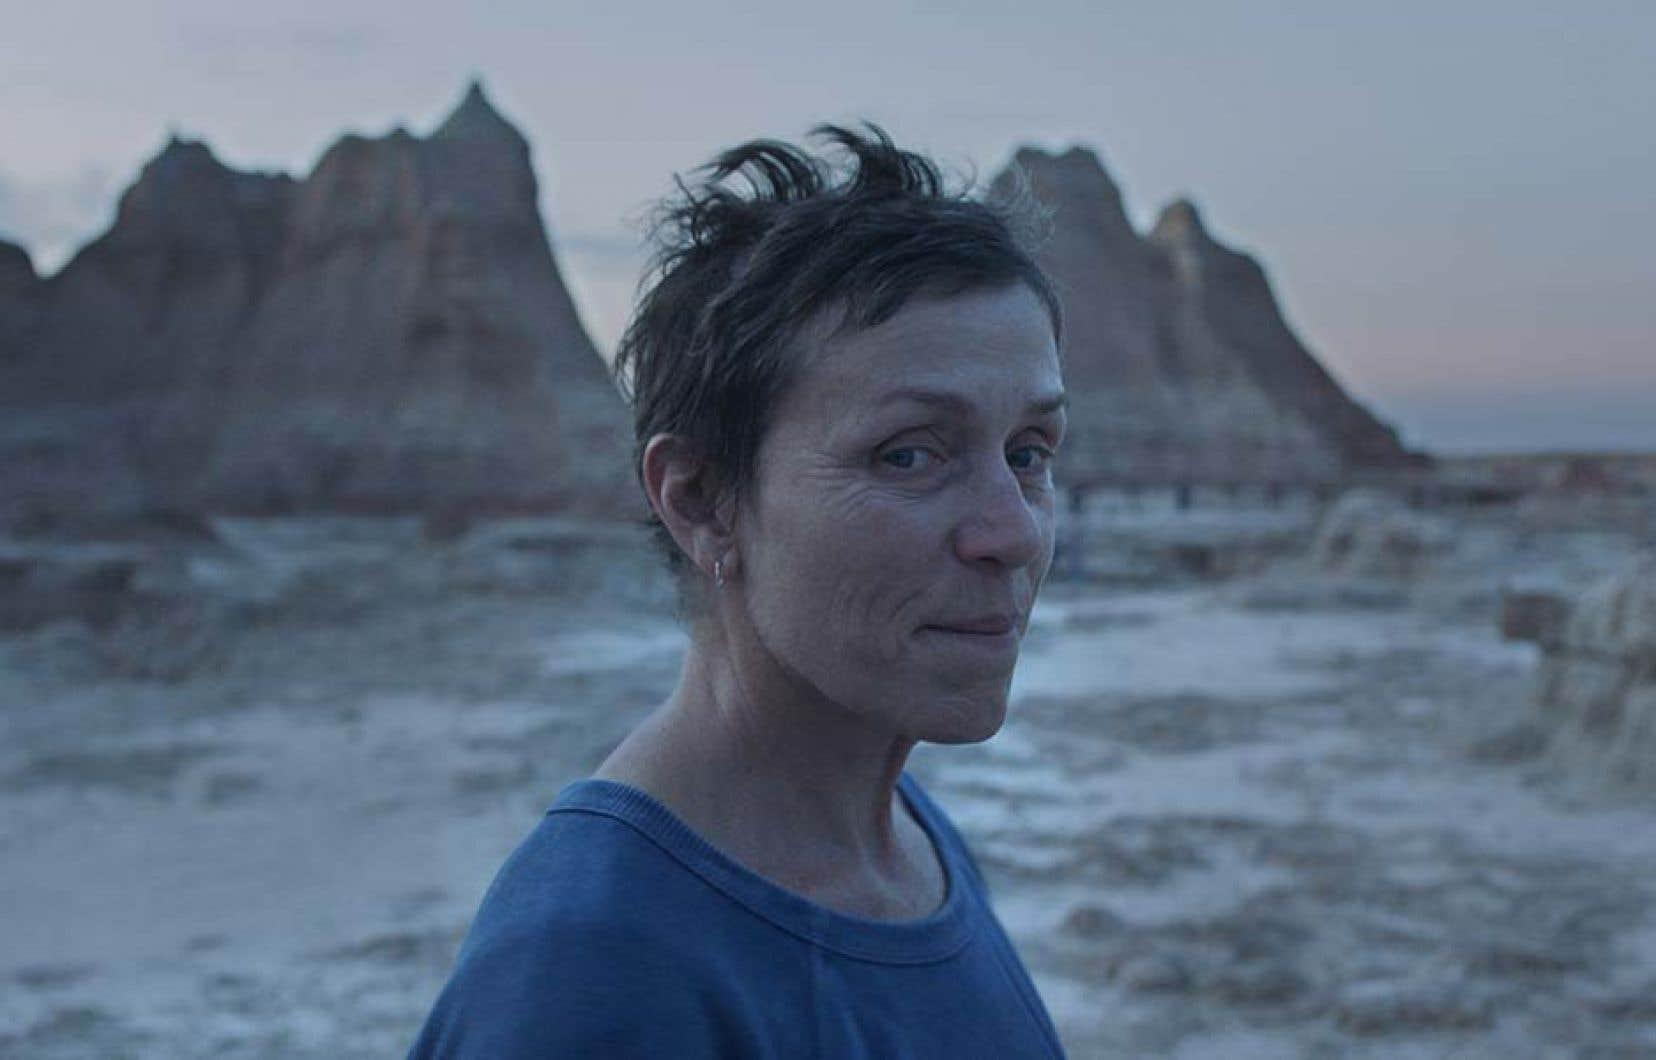 Dans Nomadland, Frances McDormand offre la magistrale interprétation d'une sexagénaire qui, au cours de la récession de 2011, prend la route avec sa caravane après la mort de son mari.